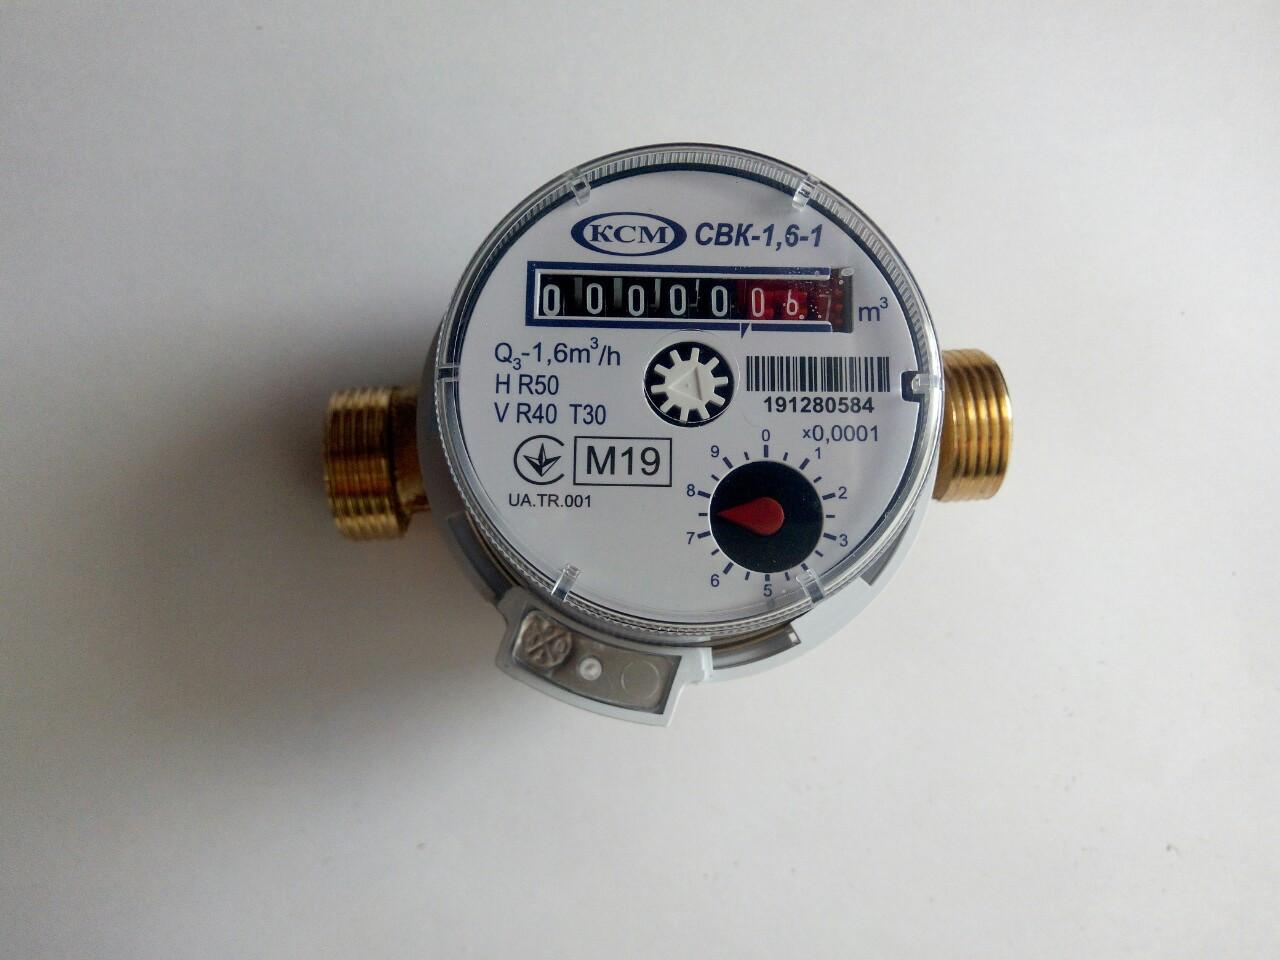 Счётчик холодной воды Коммунар СВК-1,6Х (номин. расход 1,6 м3/ч, Ду 15)